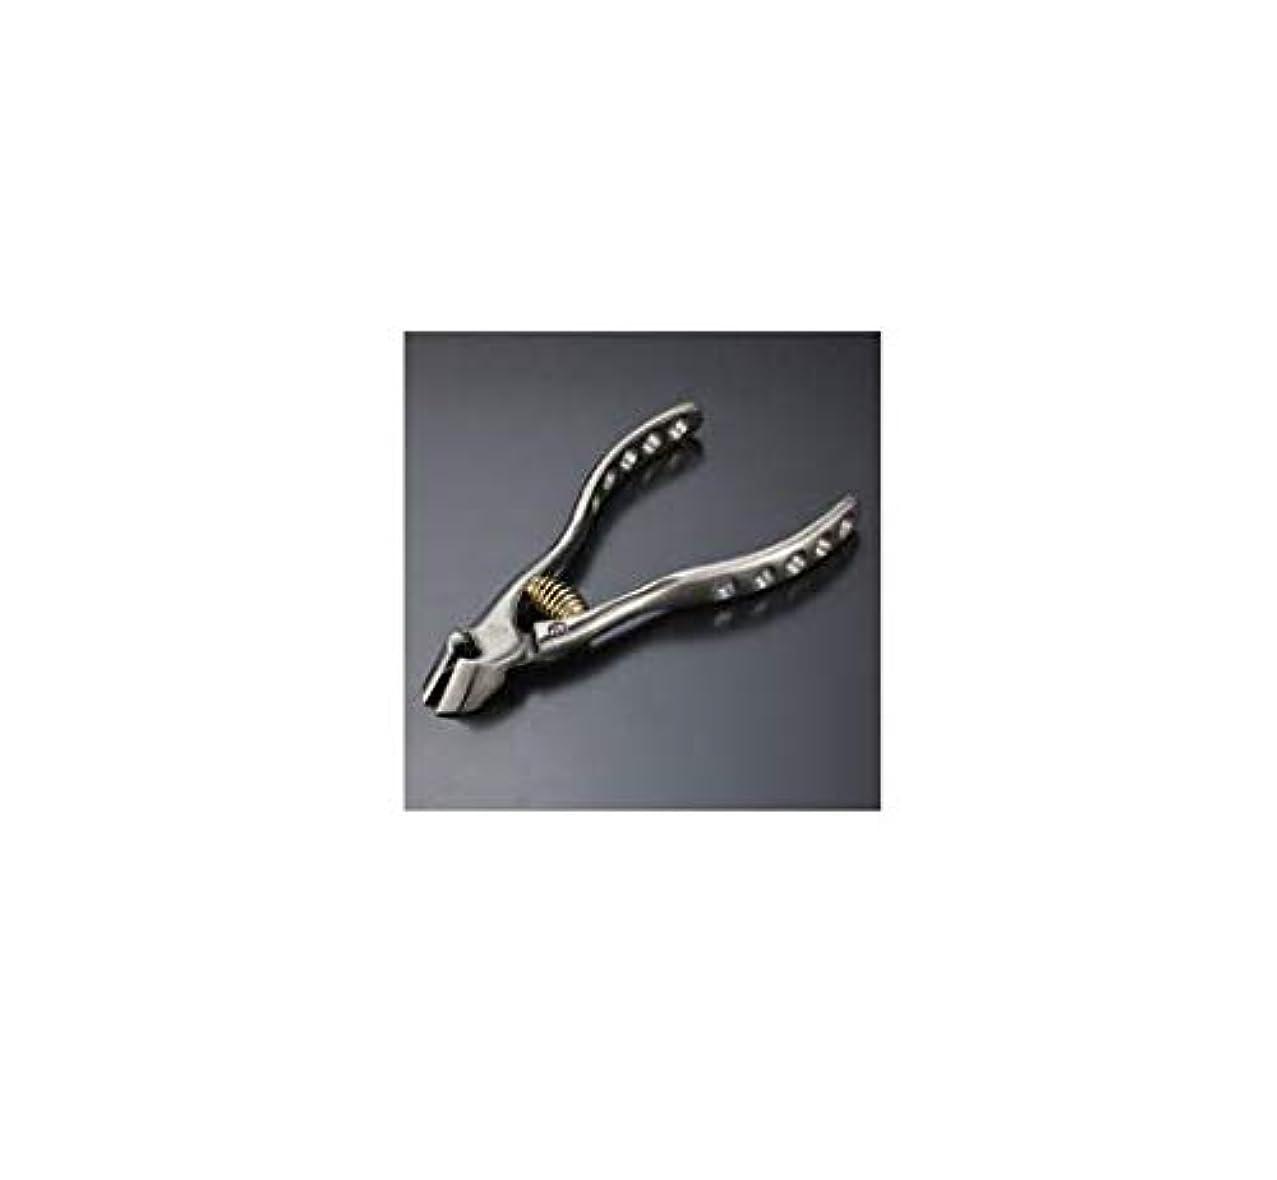 コートインシュレータストライク鍛冶屋謹製ニッパ式爪切り 日本製 ニッパー 人気 おすすめ ネイル